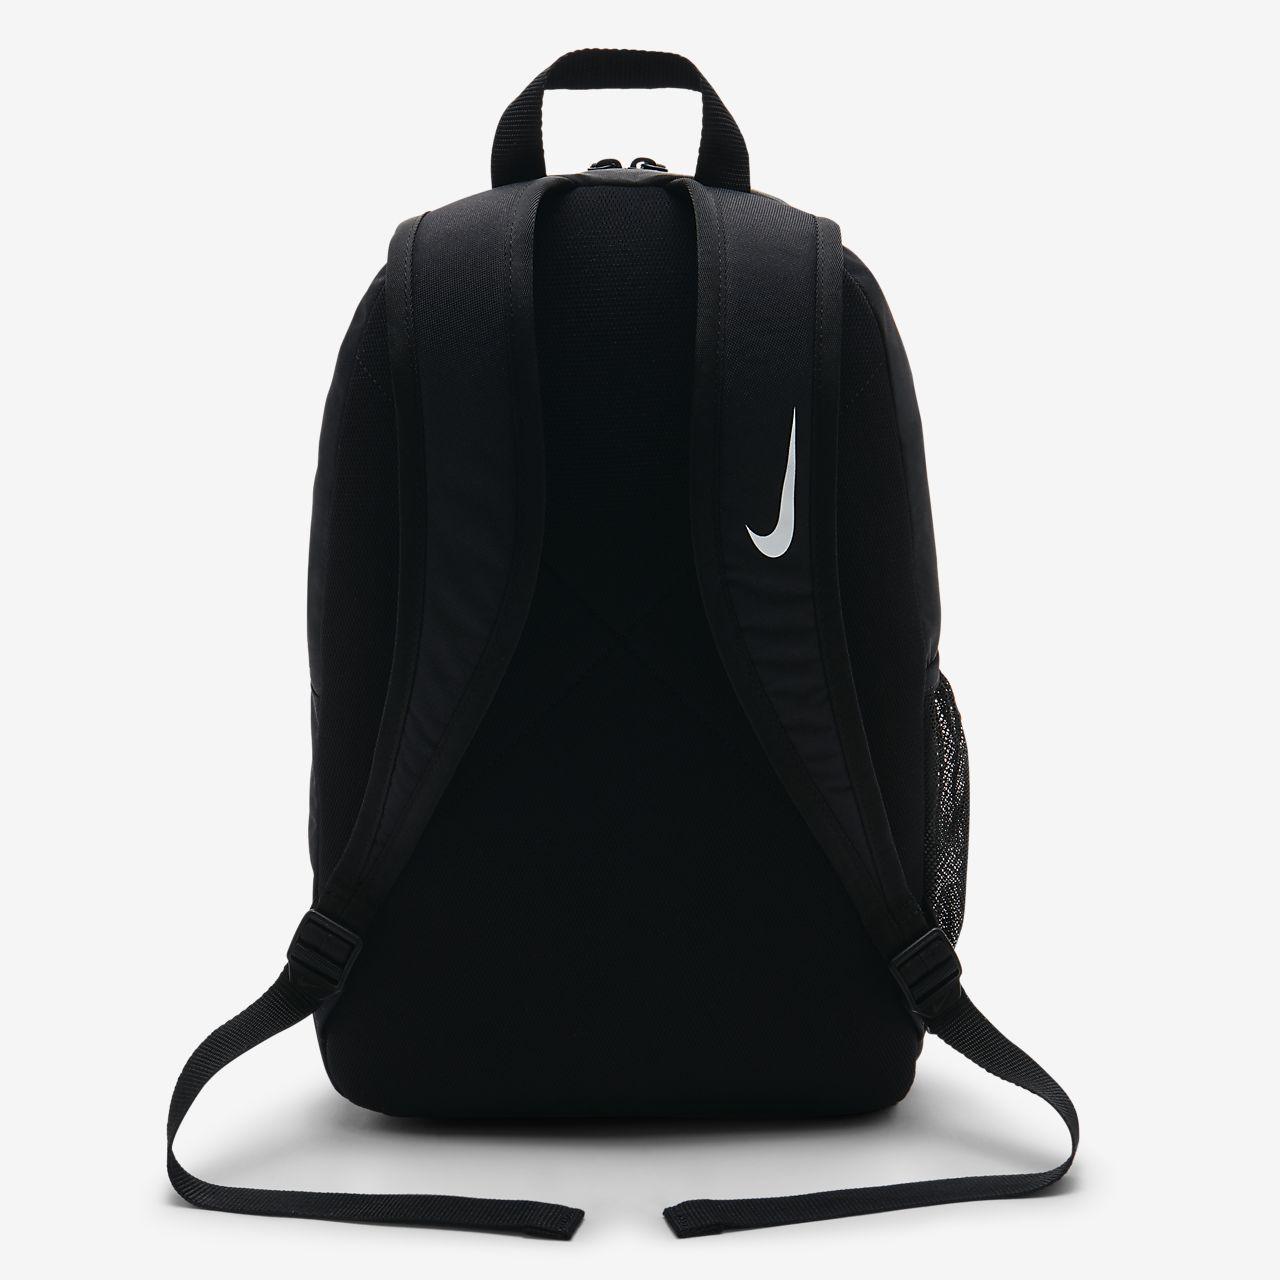 7c4ee7b90e860 Dziecięcy plecak piłkarski Nike Academy Team. Nike.com PL